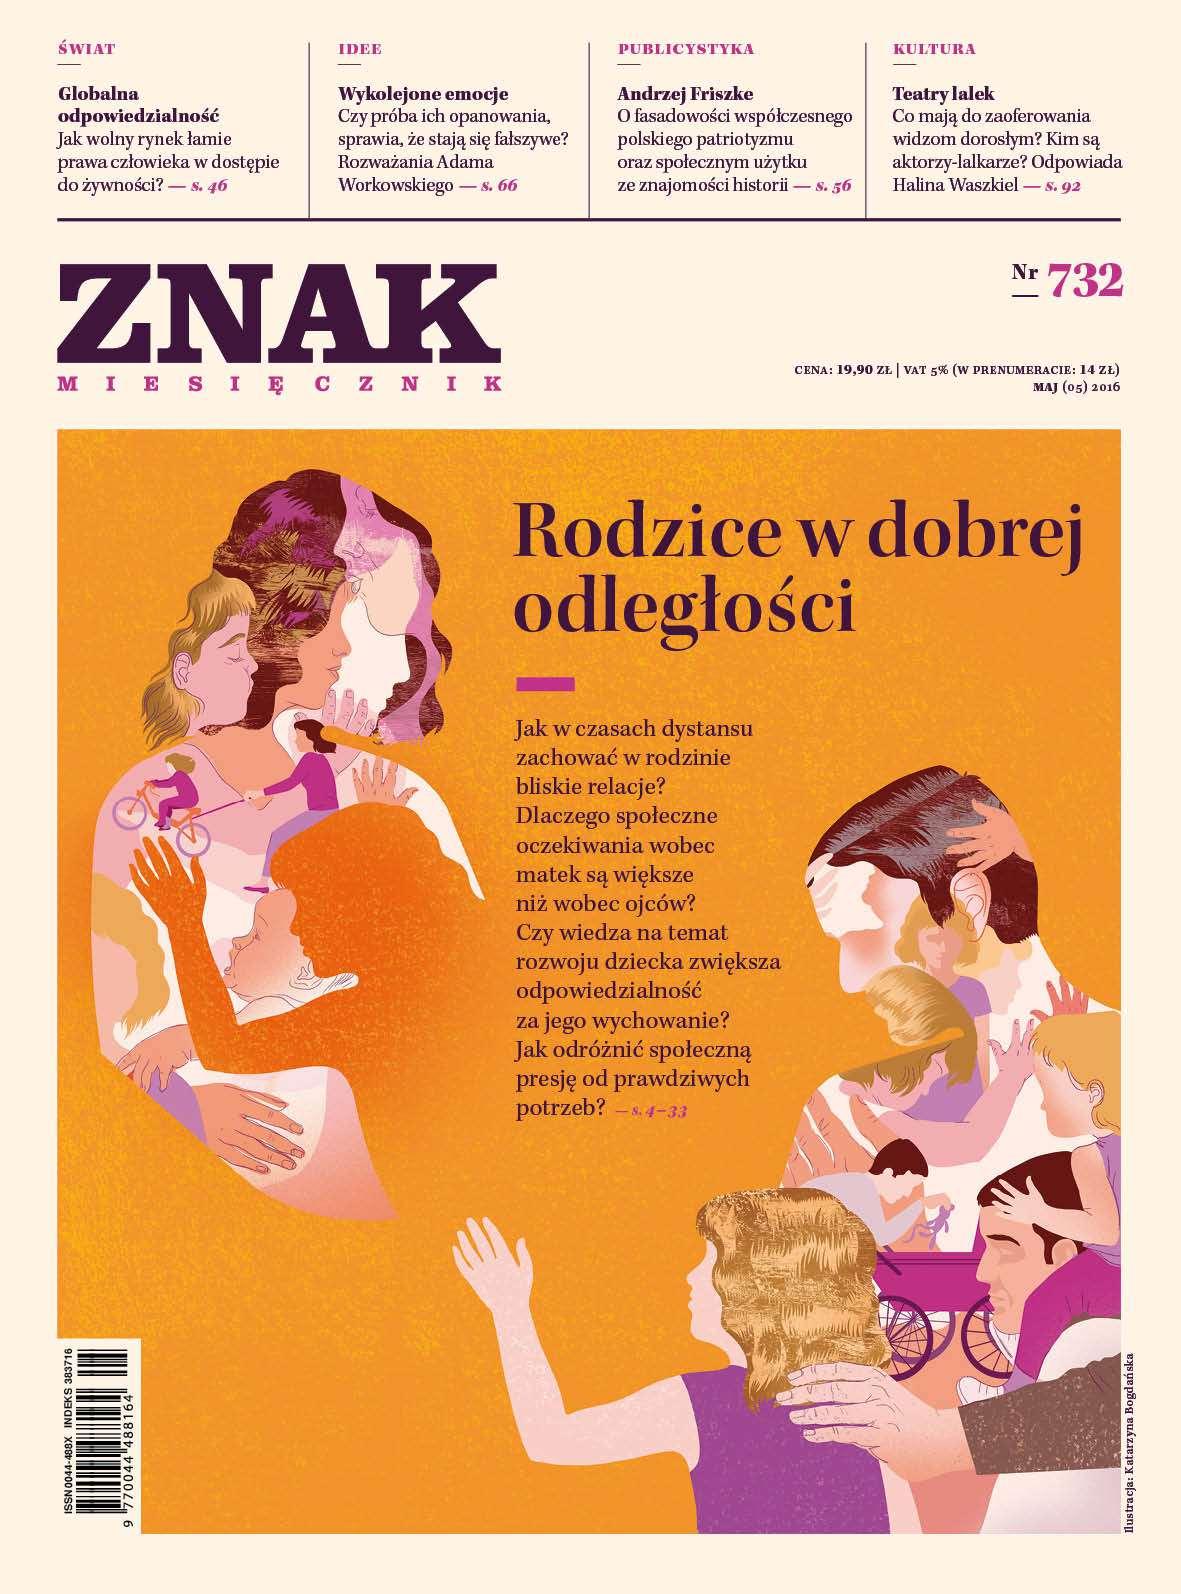 Miesięcznik Znak nr 732 - Rodzice w dobrej odległości - Ebook (Książka PDF) do pobrania w formacie PDF